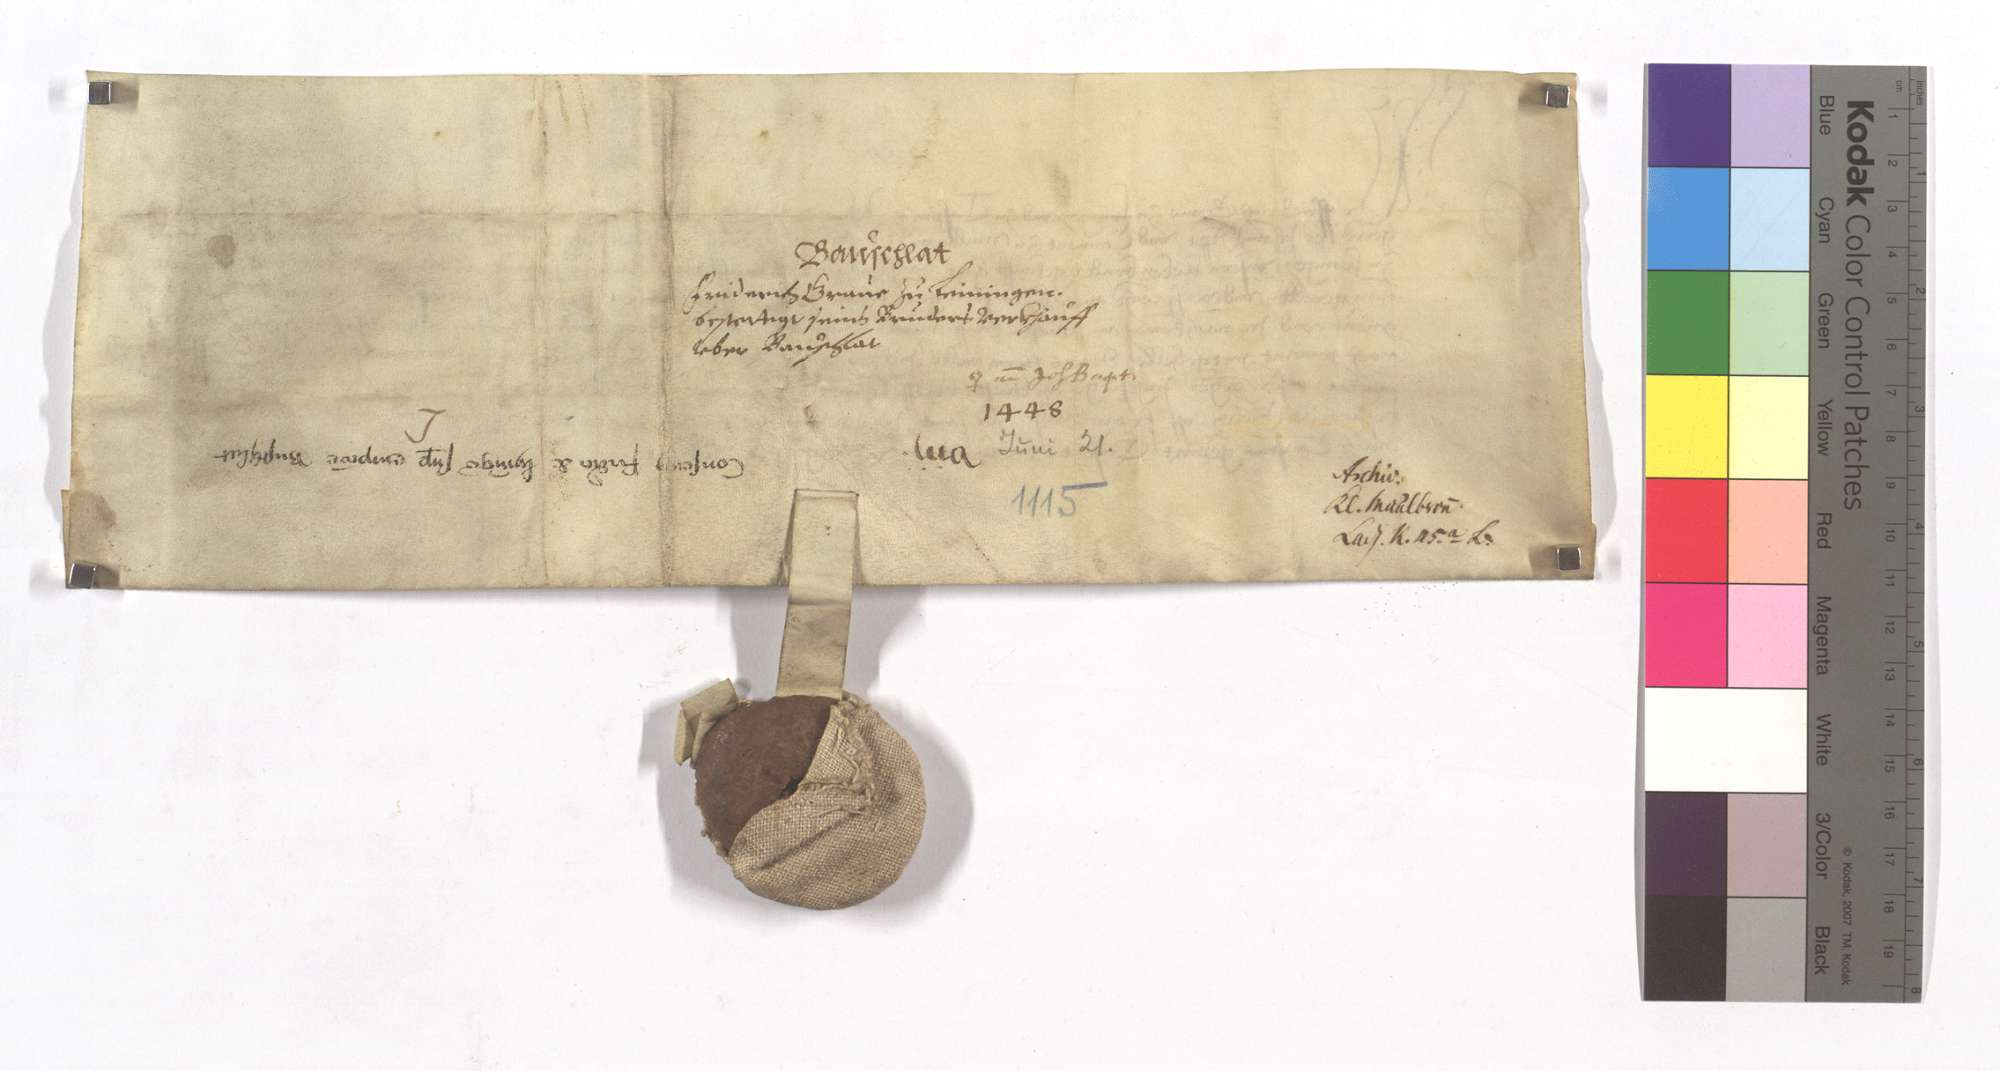 Graf Friedrich von Leiningens Bestätigung, dass Graf Hesse von Leiningen dem Kloster Maulbronn das halbe Dorf Bauschlott mit der halben Vogtei und weiteren Gerechtsamen, des Waldfrevels, zwei Teilen des großen und kleinen Zehnten in Ölbronner Markung, sowie Kelter und Kelterrecht verkauft habe., Rückseite